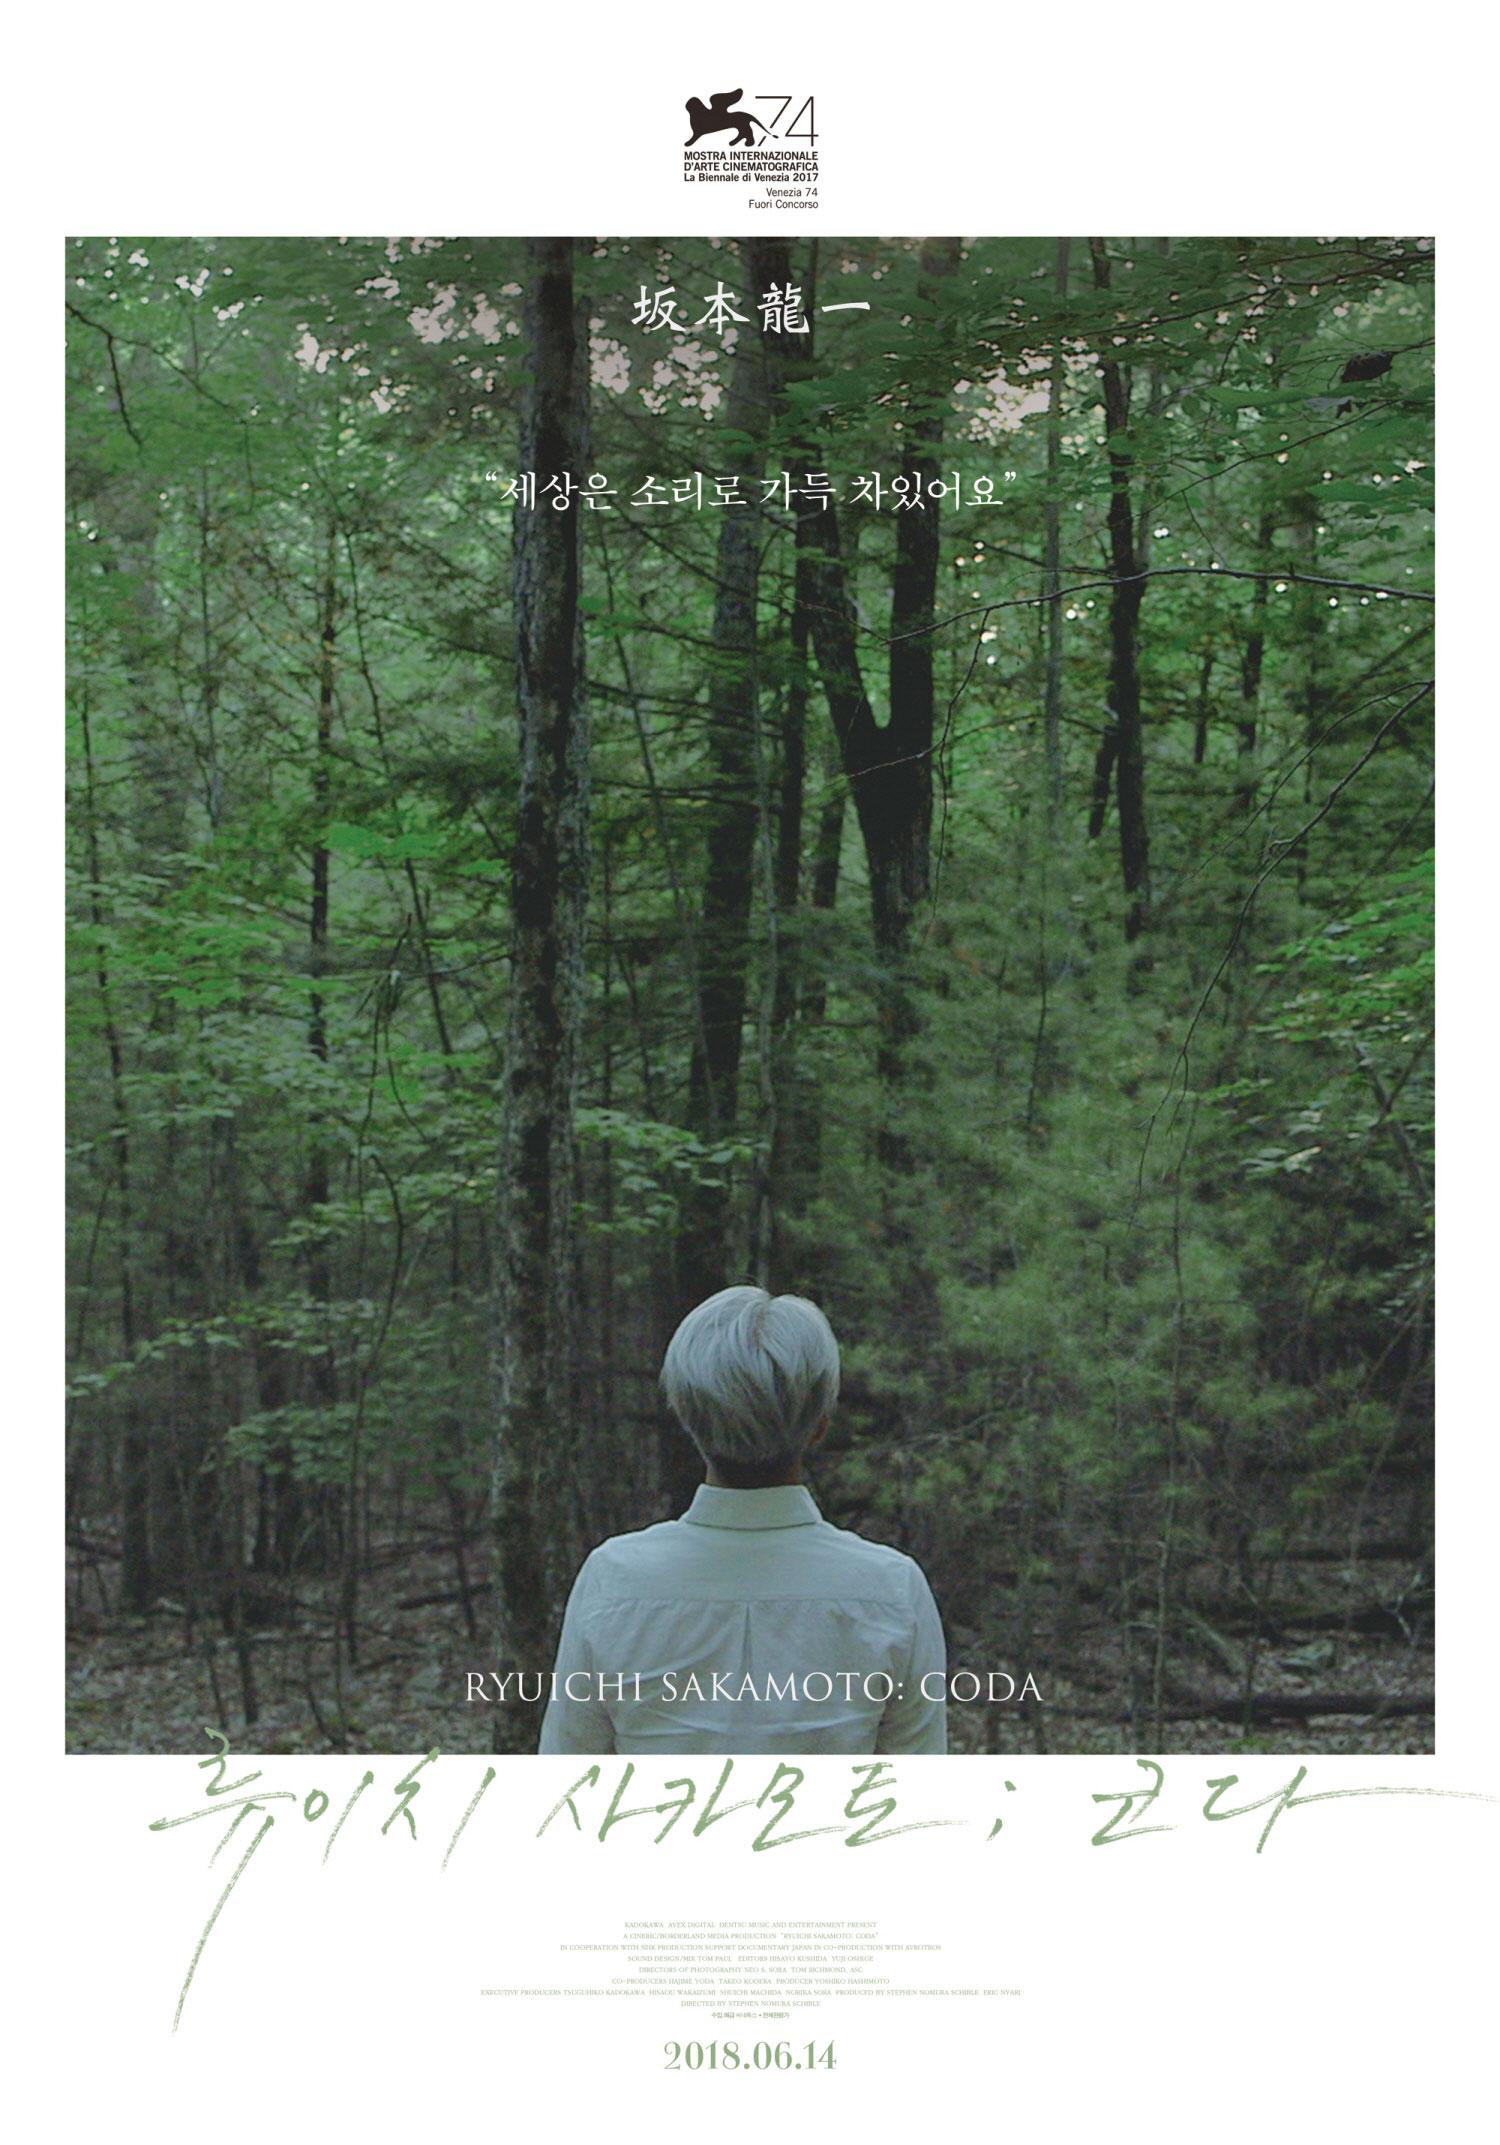 류이치 사카모토: 코다 포스터